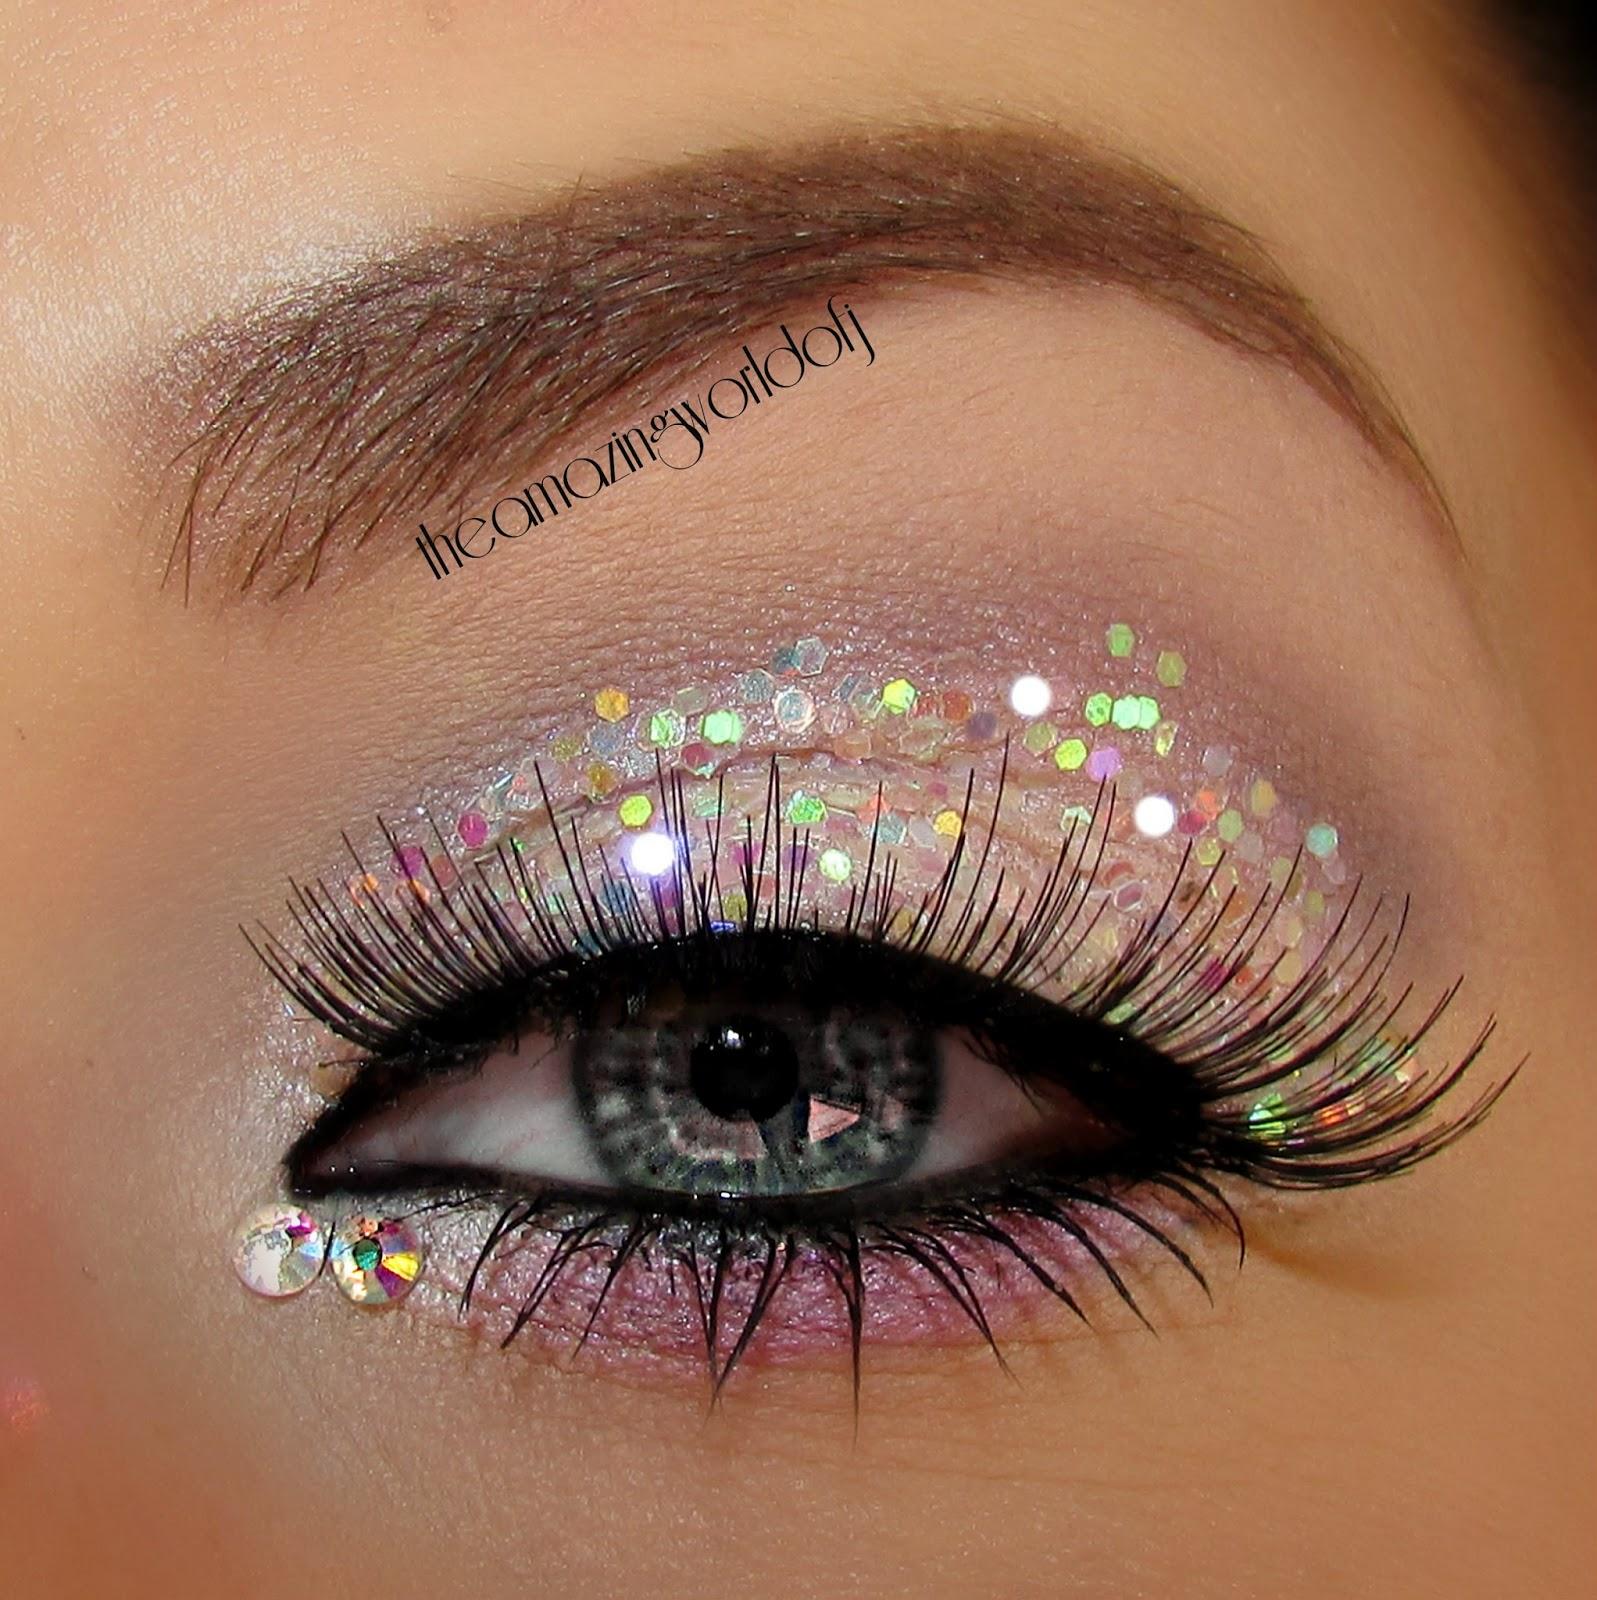 Фото макияжа с блестками стразами